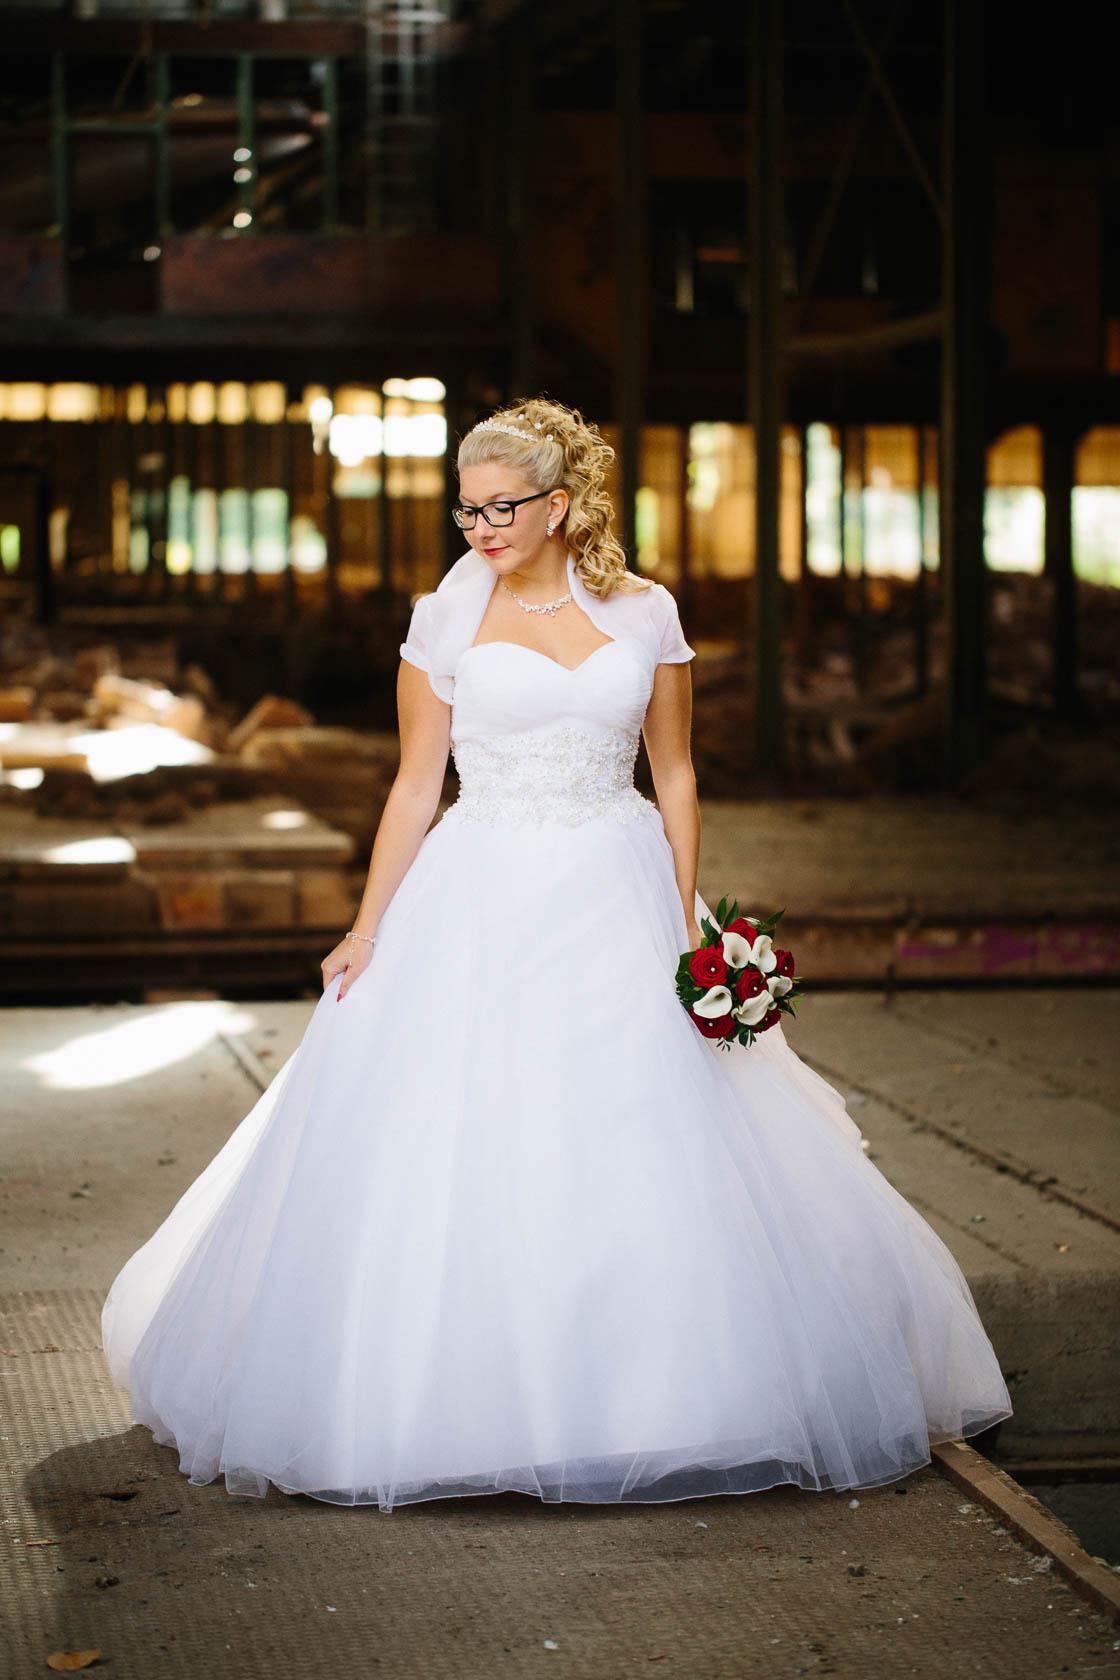 After Wedding Shoot Eileen und Christoph Hochzeitsfotos Brautfoto Alte Fabrik Raum Mannheim